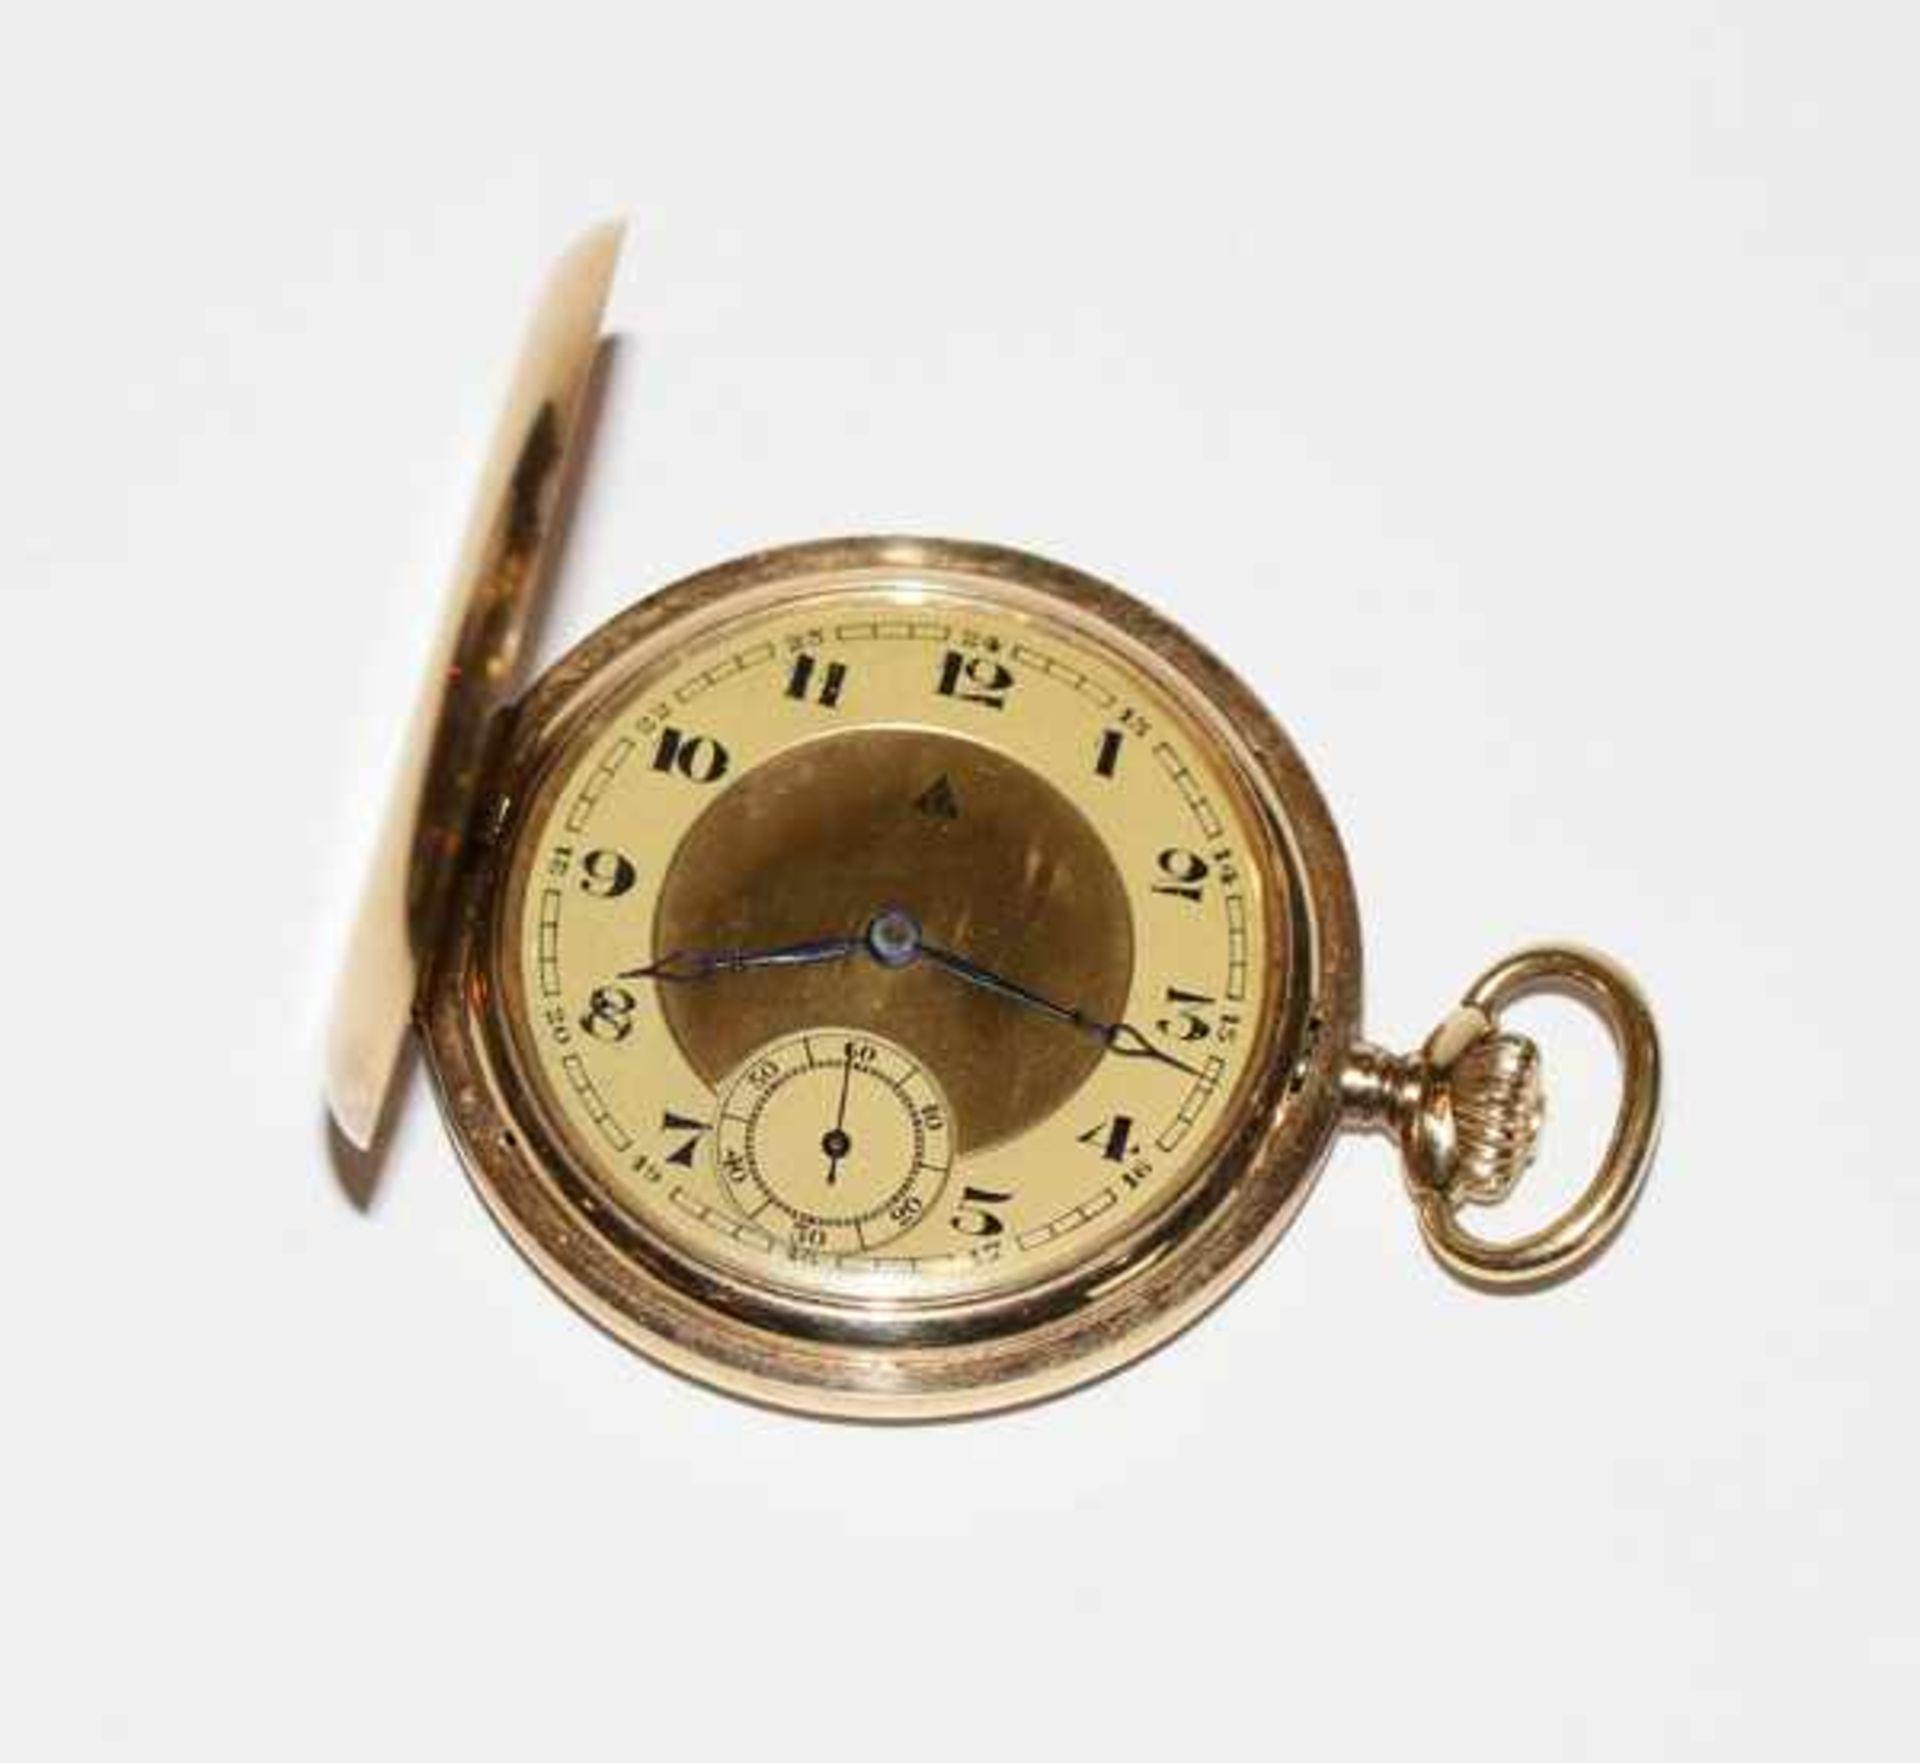 Los 22 - 14 k Gelbgold Sprungdeckel Taschenuhr, Deckelfeder fehlt, Monogrammgravur RR, intakt, komplett 83